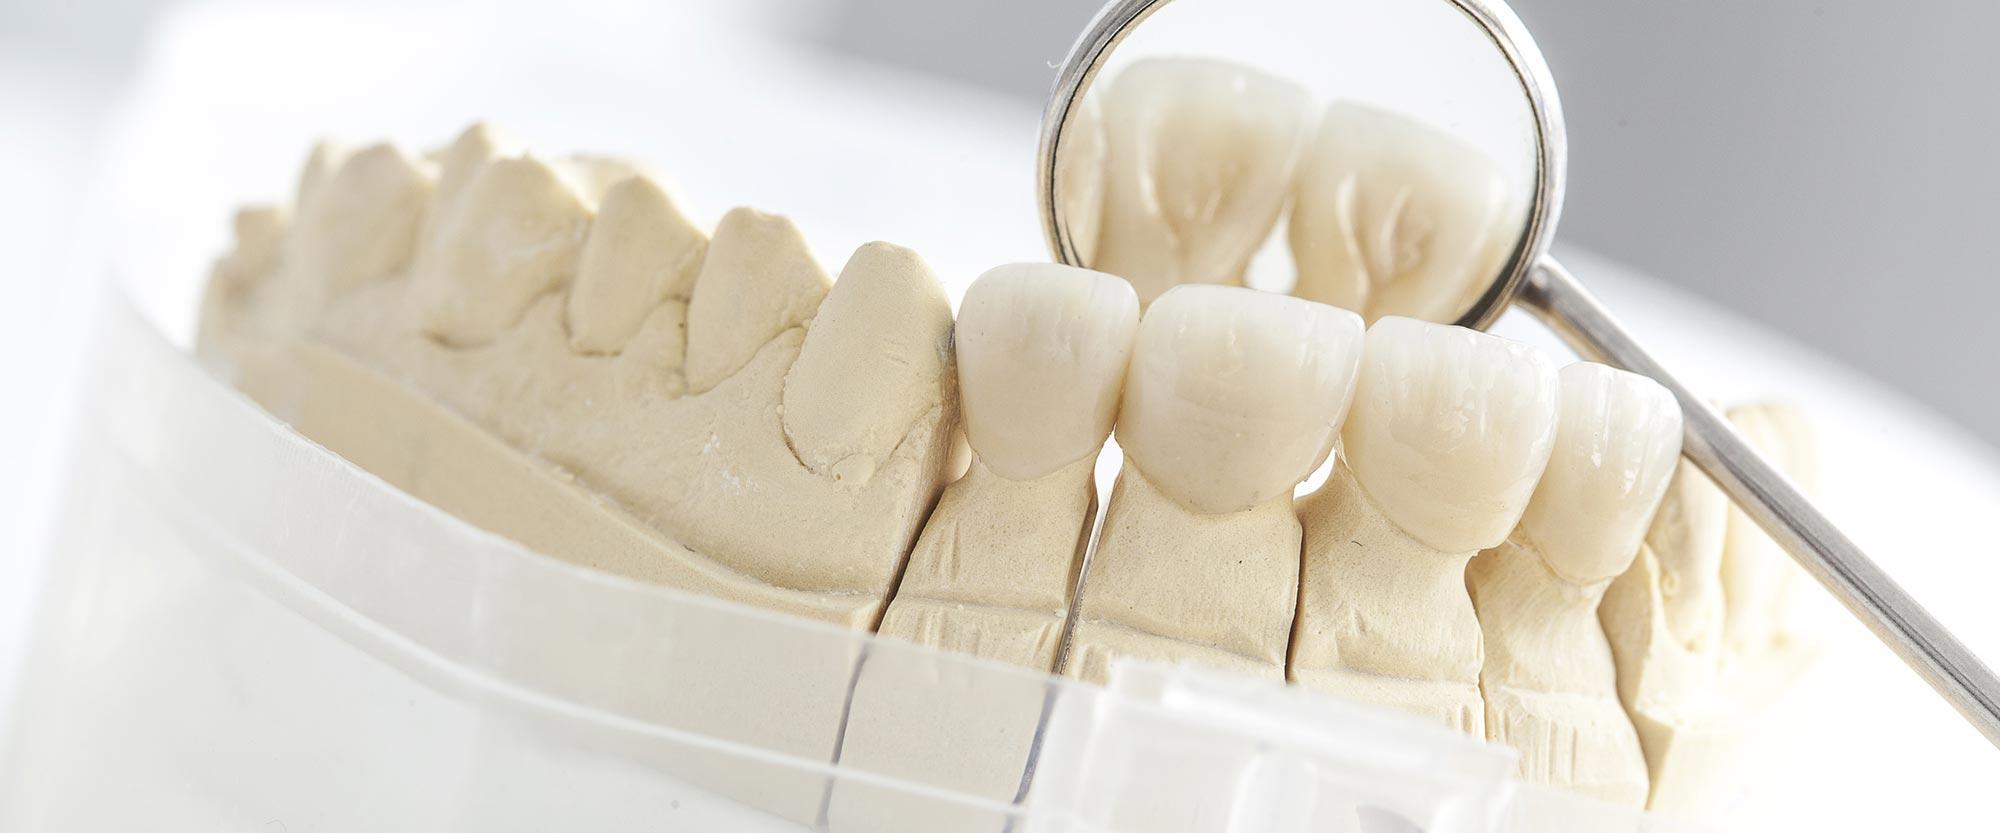 Modell von Zahnersatz aus Keramik aus Ihrer Zahnarztpraxis Bertram in Leer